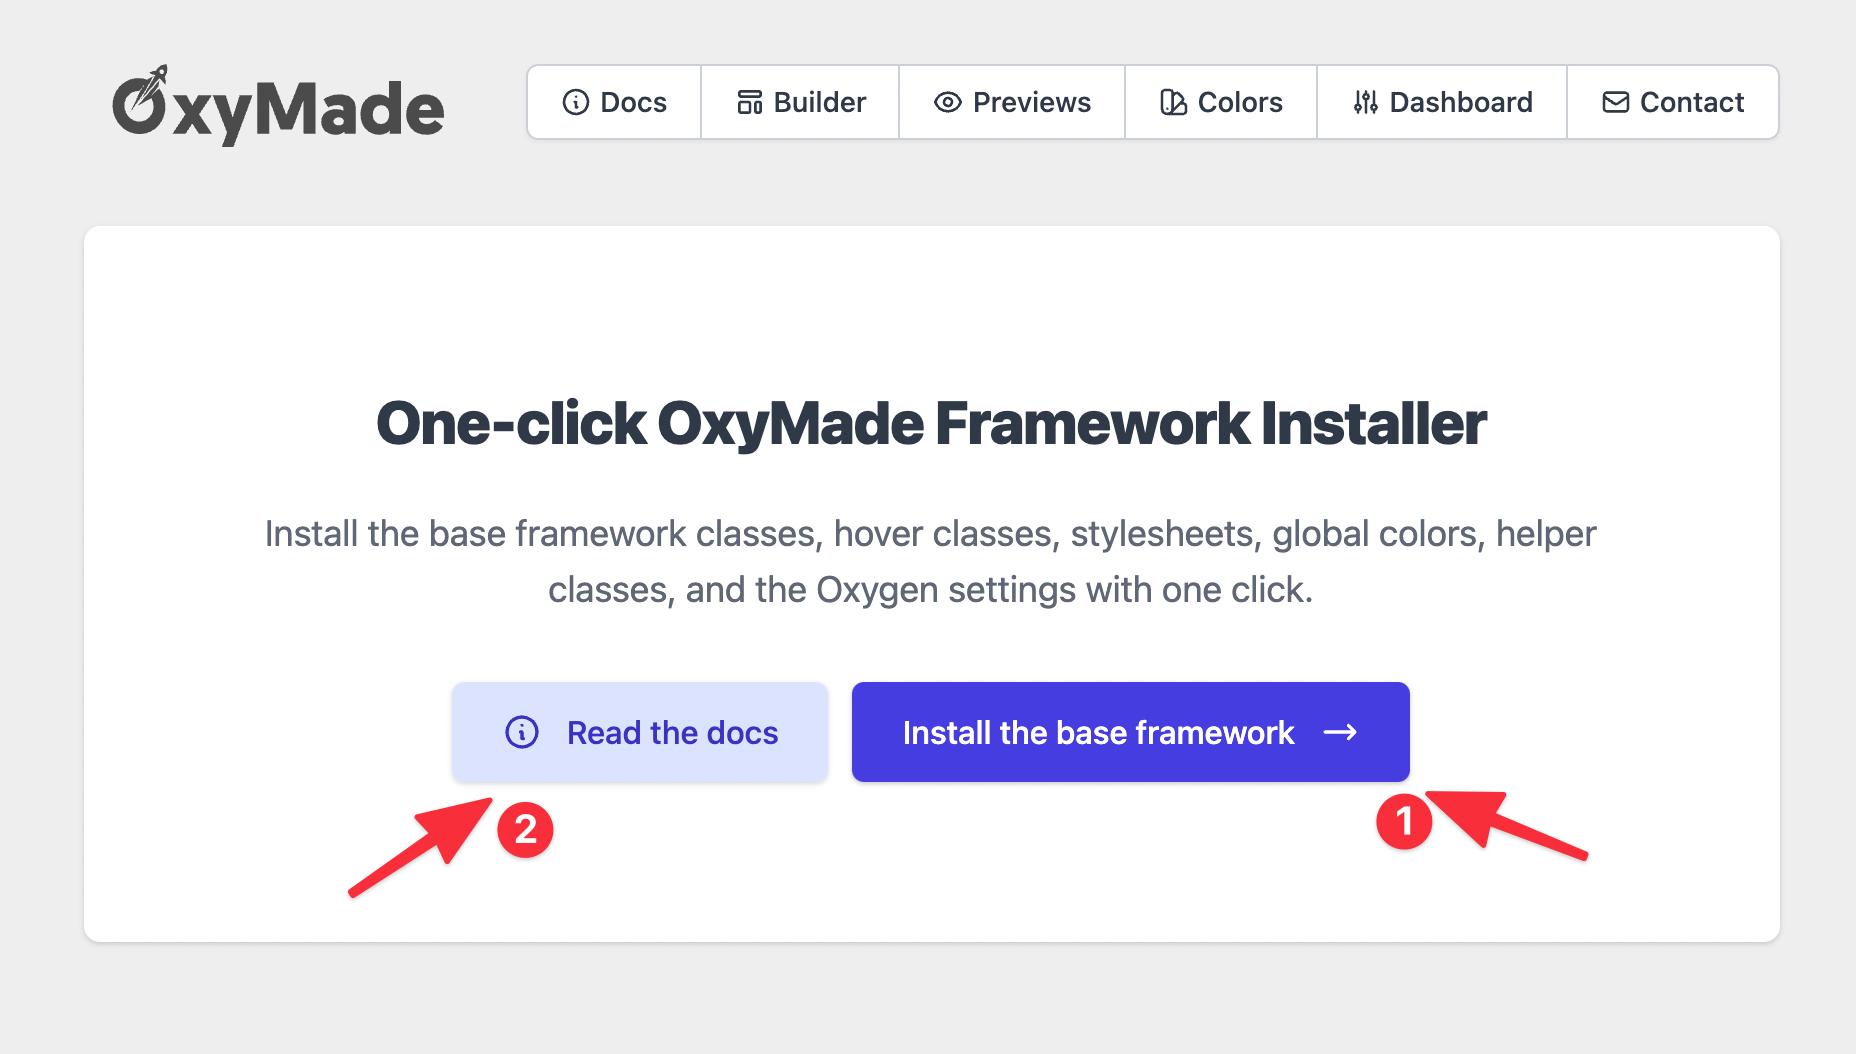 Install the base framework